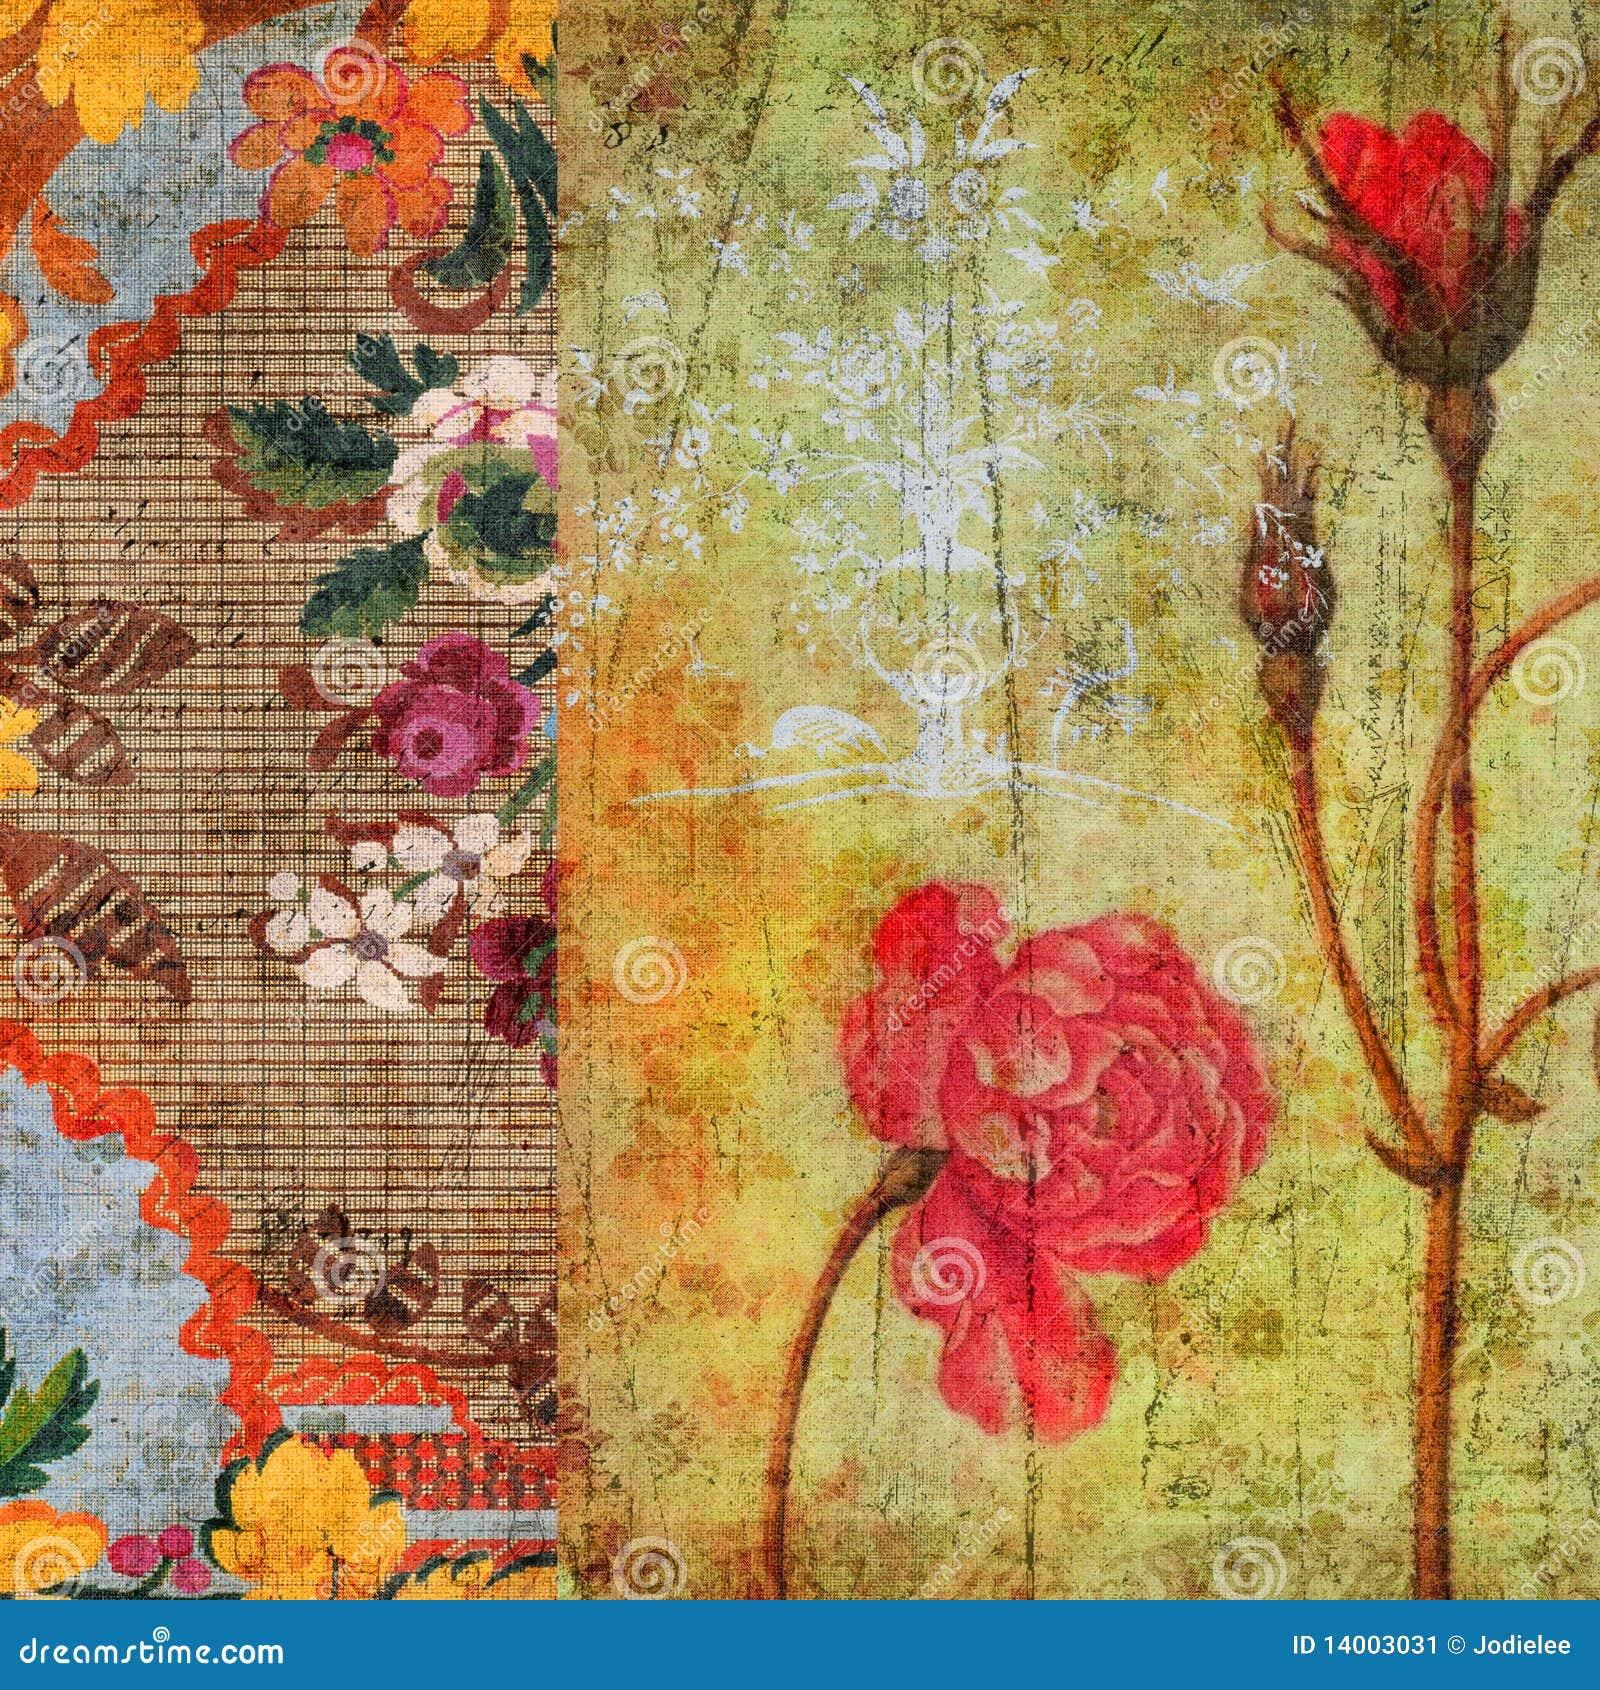 Vintage Floral Grunge Scrapbook Background Stock Image